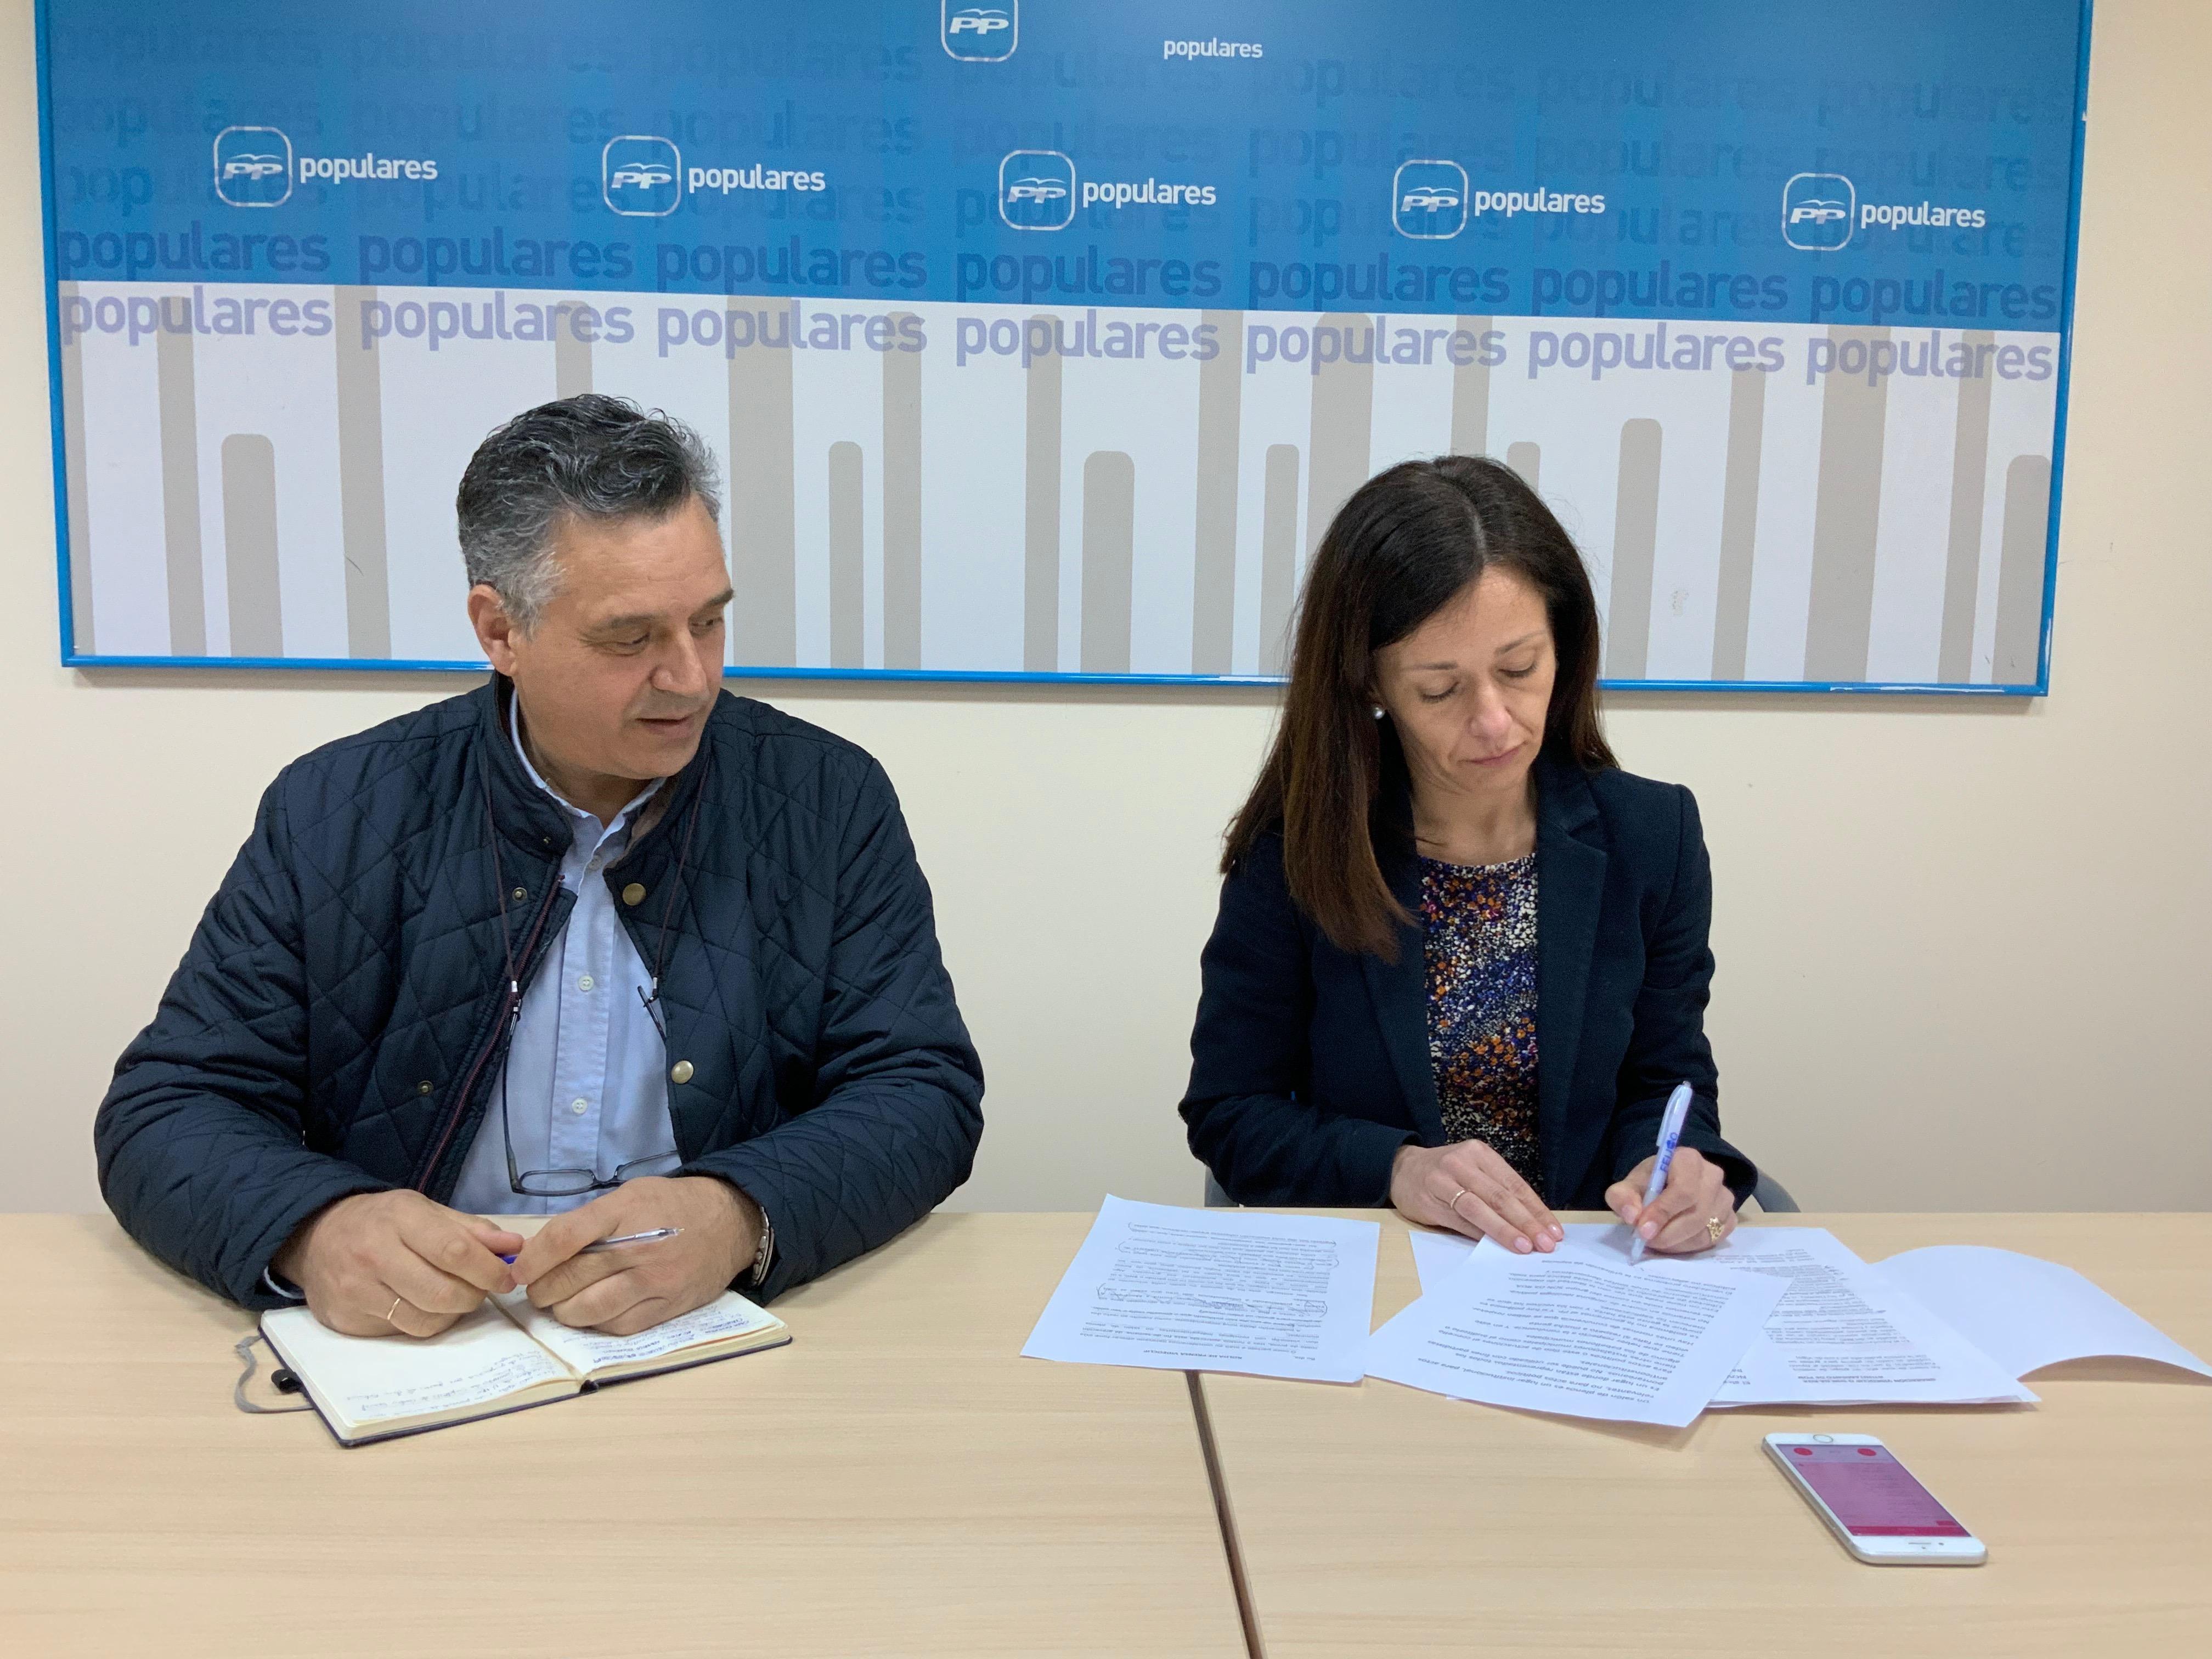 Belén Villar Solicita A Comparecencia Do Alcalde Para Explicar A Gravación Dun Videoclip Con Consignas Independentistas No Concello